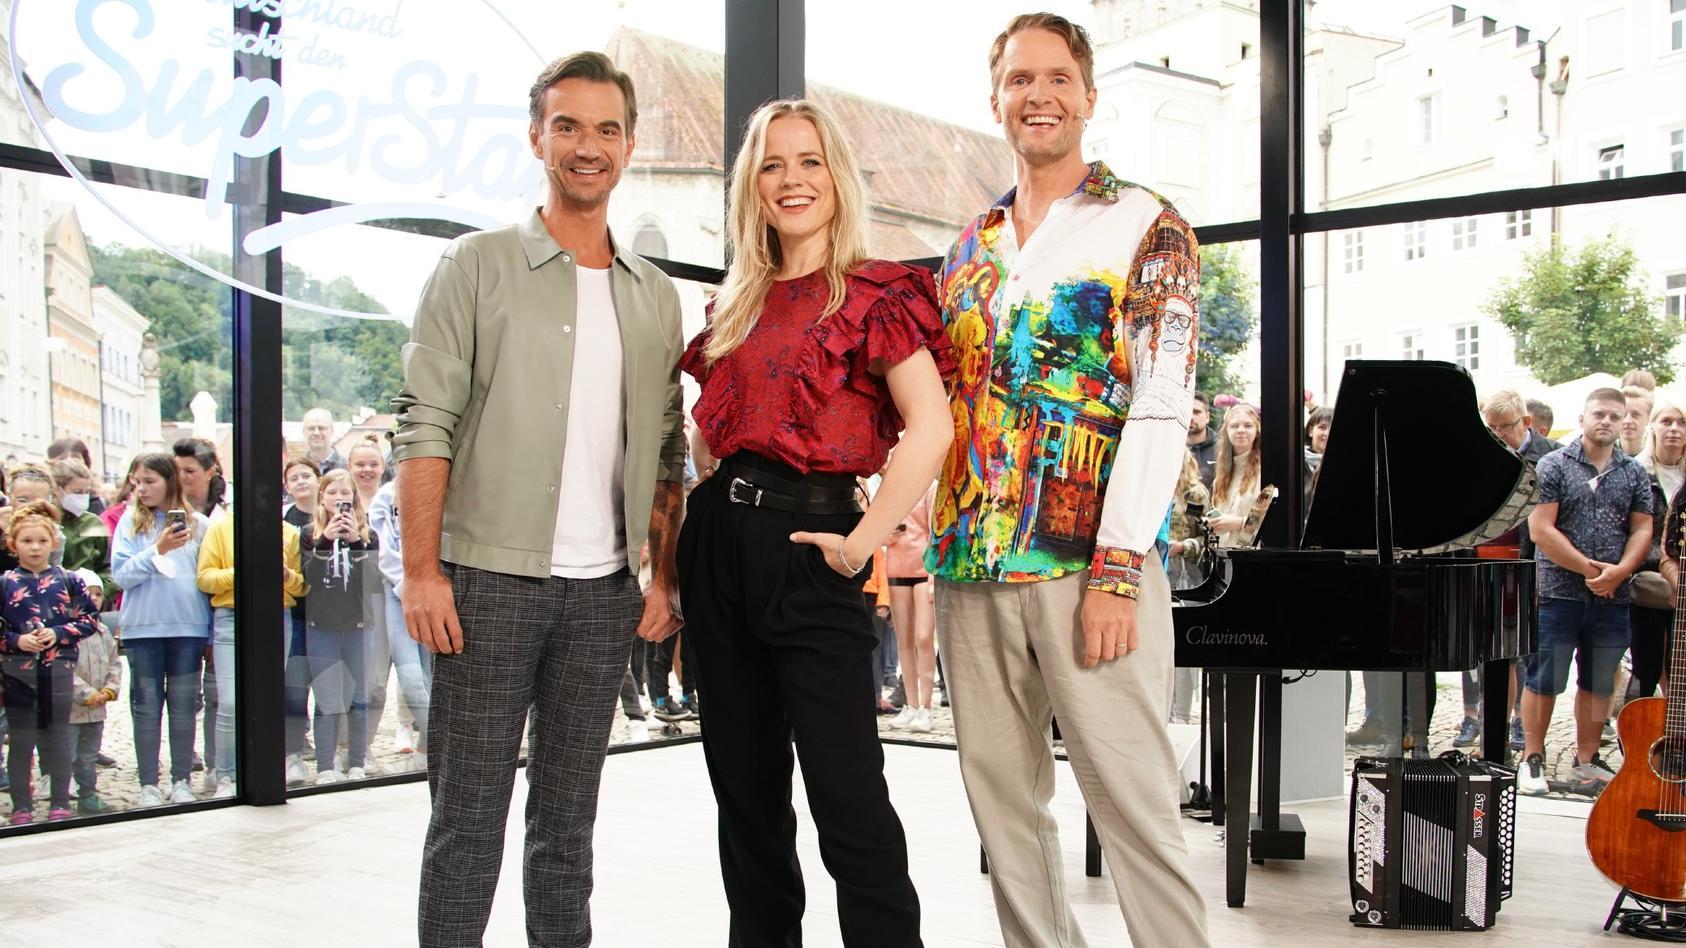 Florian Silbereisen. Ilse DeLange und Toby Gad beim DSDS-Jury-Casting in Burghausen